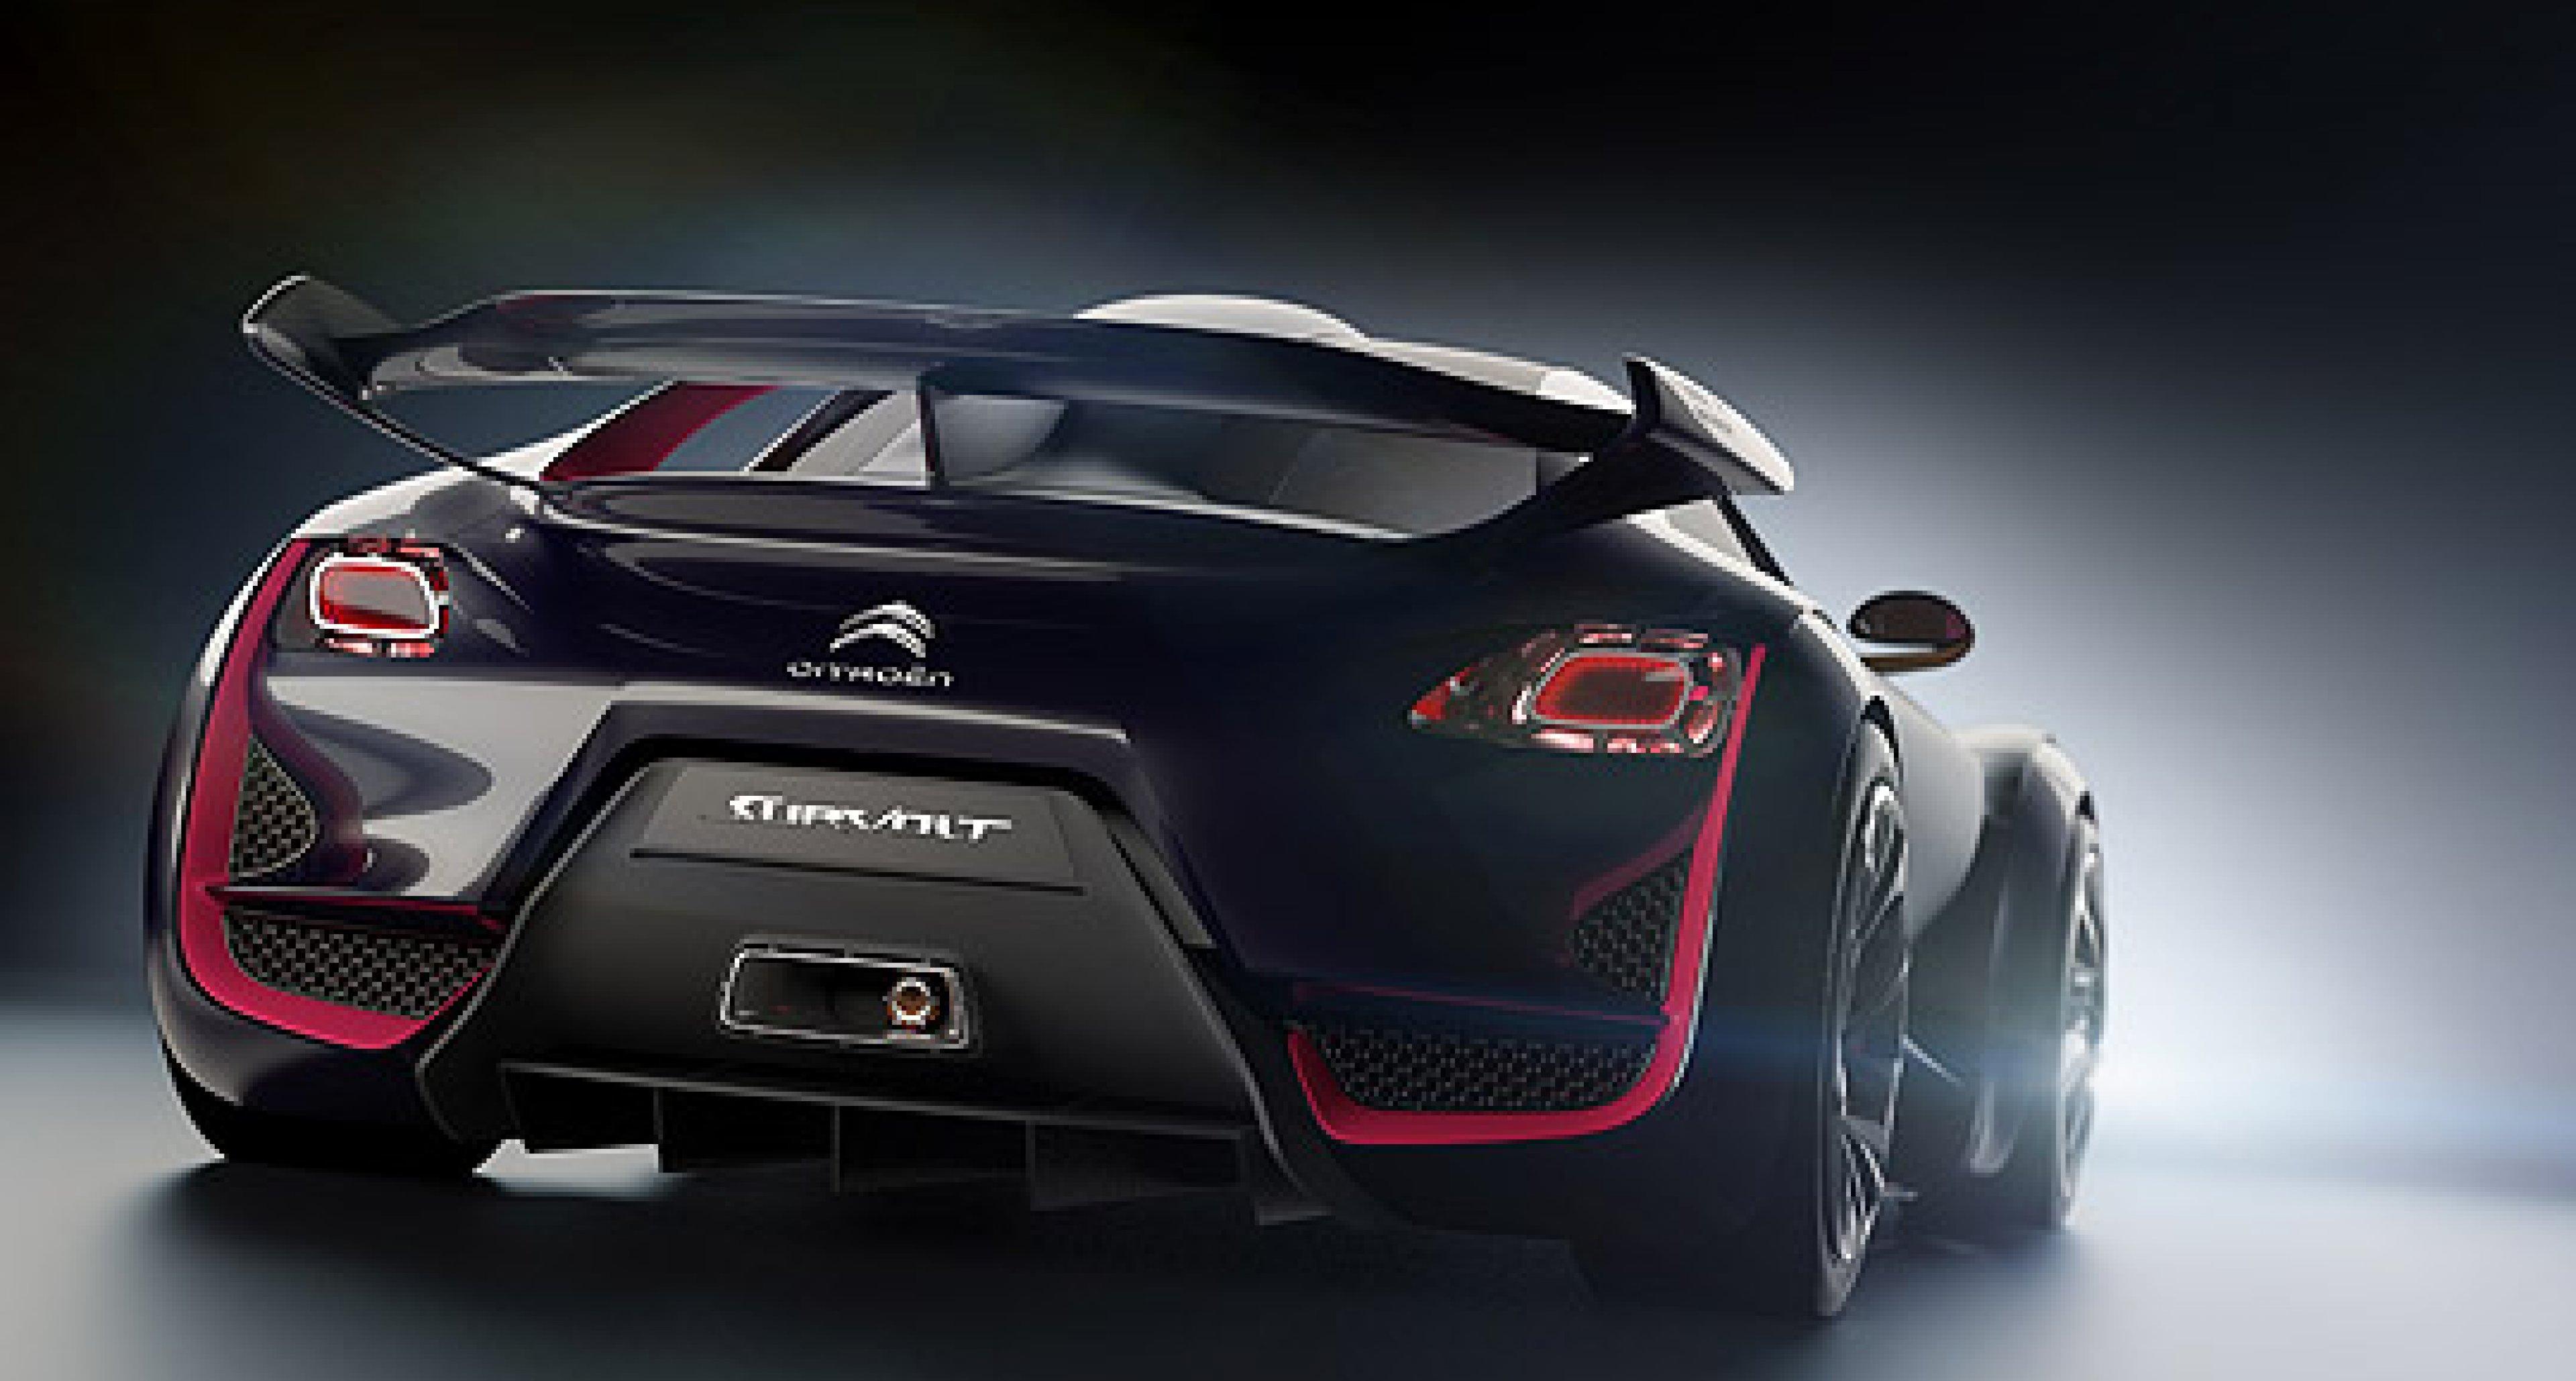 Citroën Survolt: Elektro-Couture